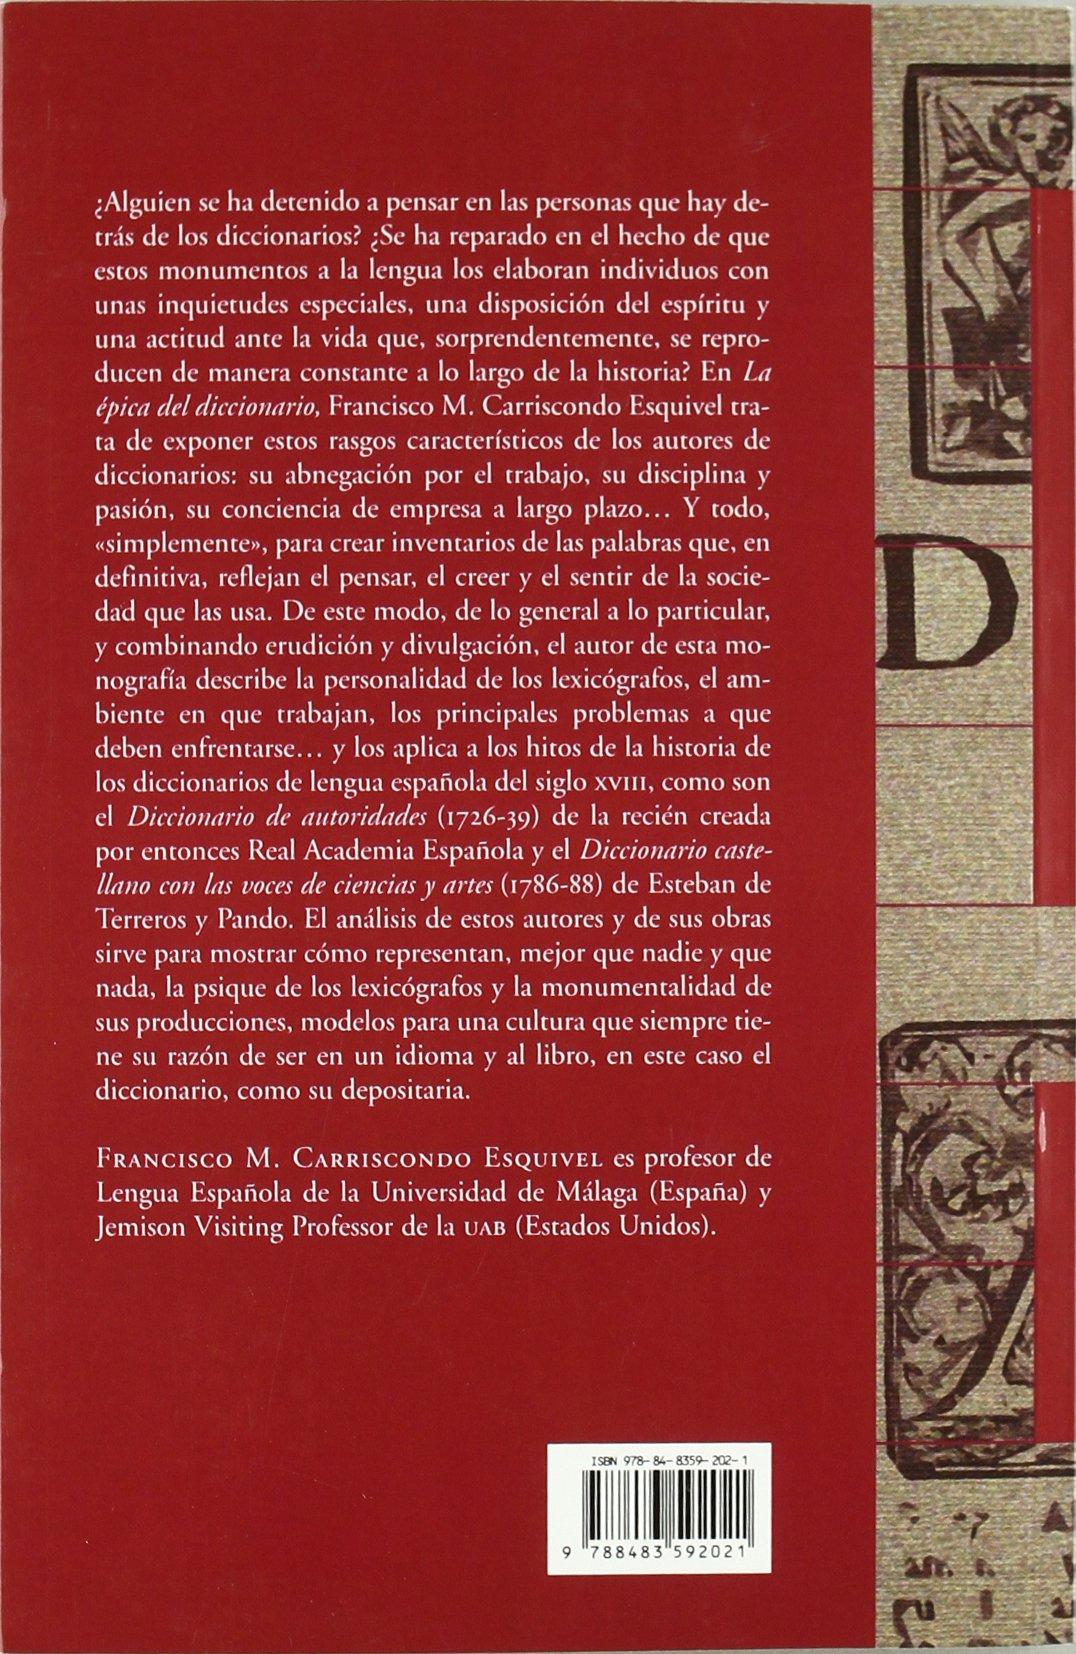 La épica del diccionario: Hitos lexicográficos del XVIII Biblioteca Litterae: Amazon.es: Carriscondo Esquivel, Francisco M.: Libros